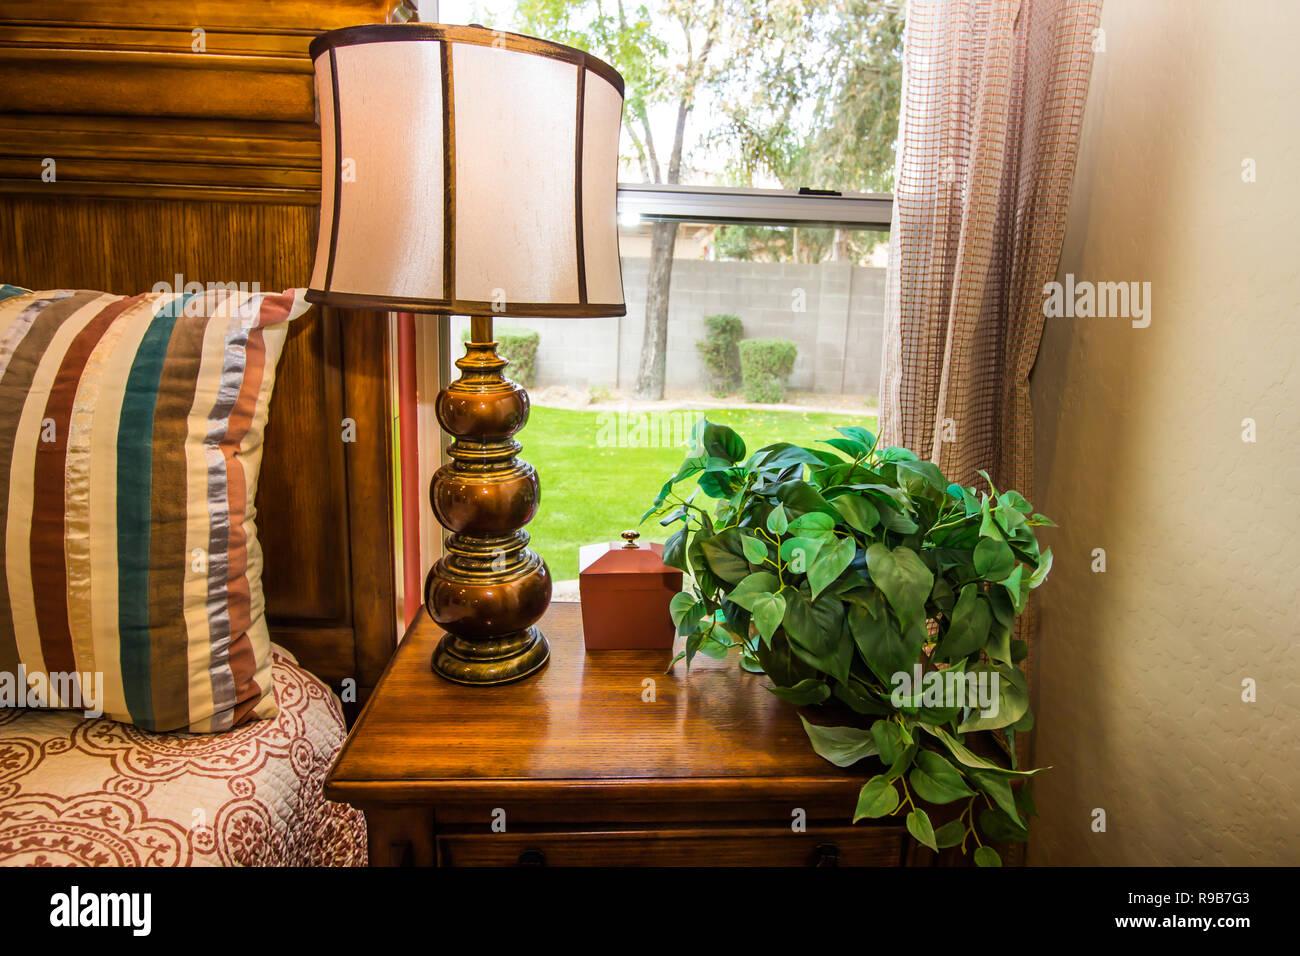 Lampadario Camera Da Letto Matrimoniale : Camera da letto con letto matrimoniale lampada di ottone e di notte